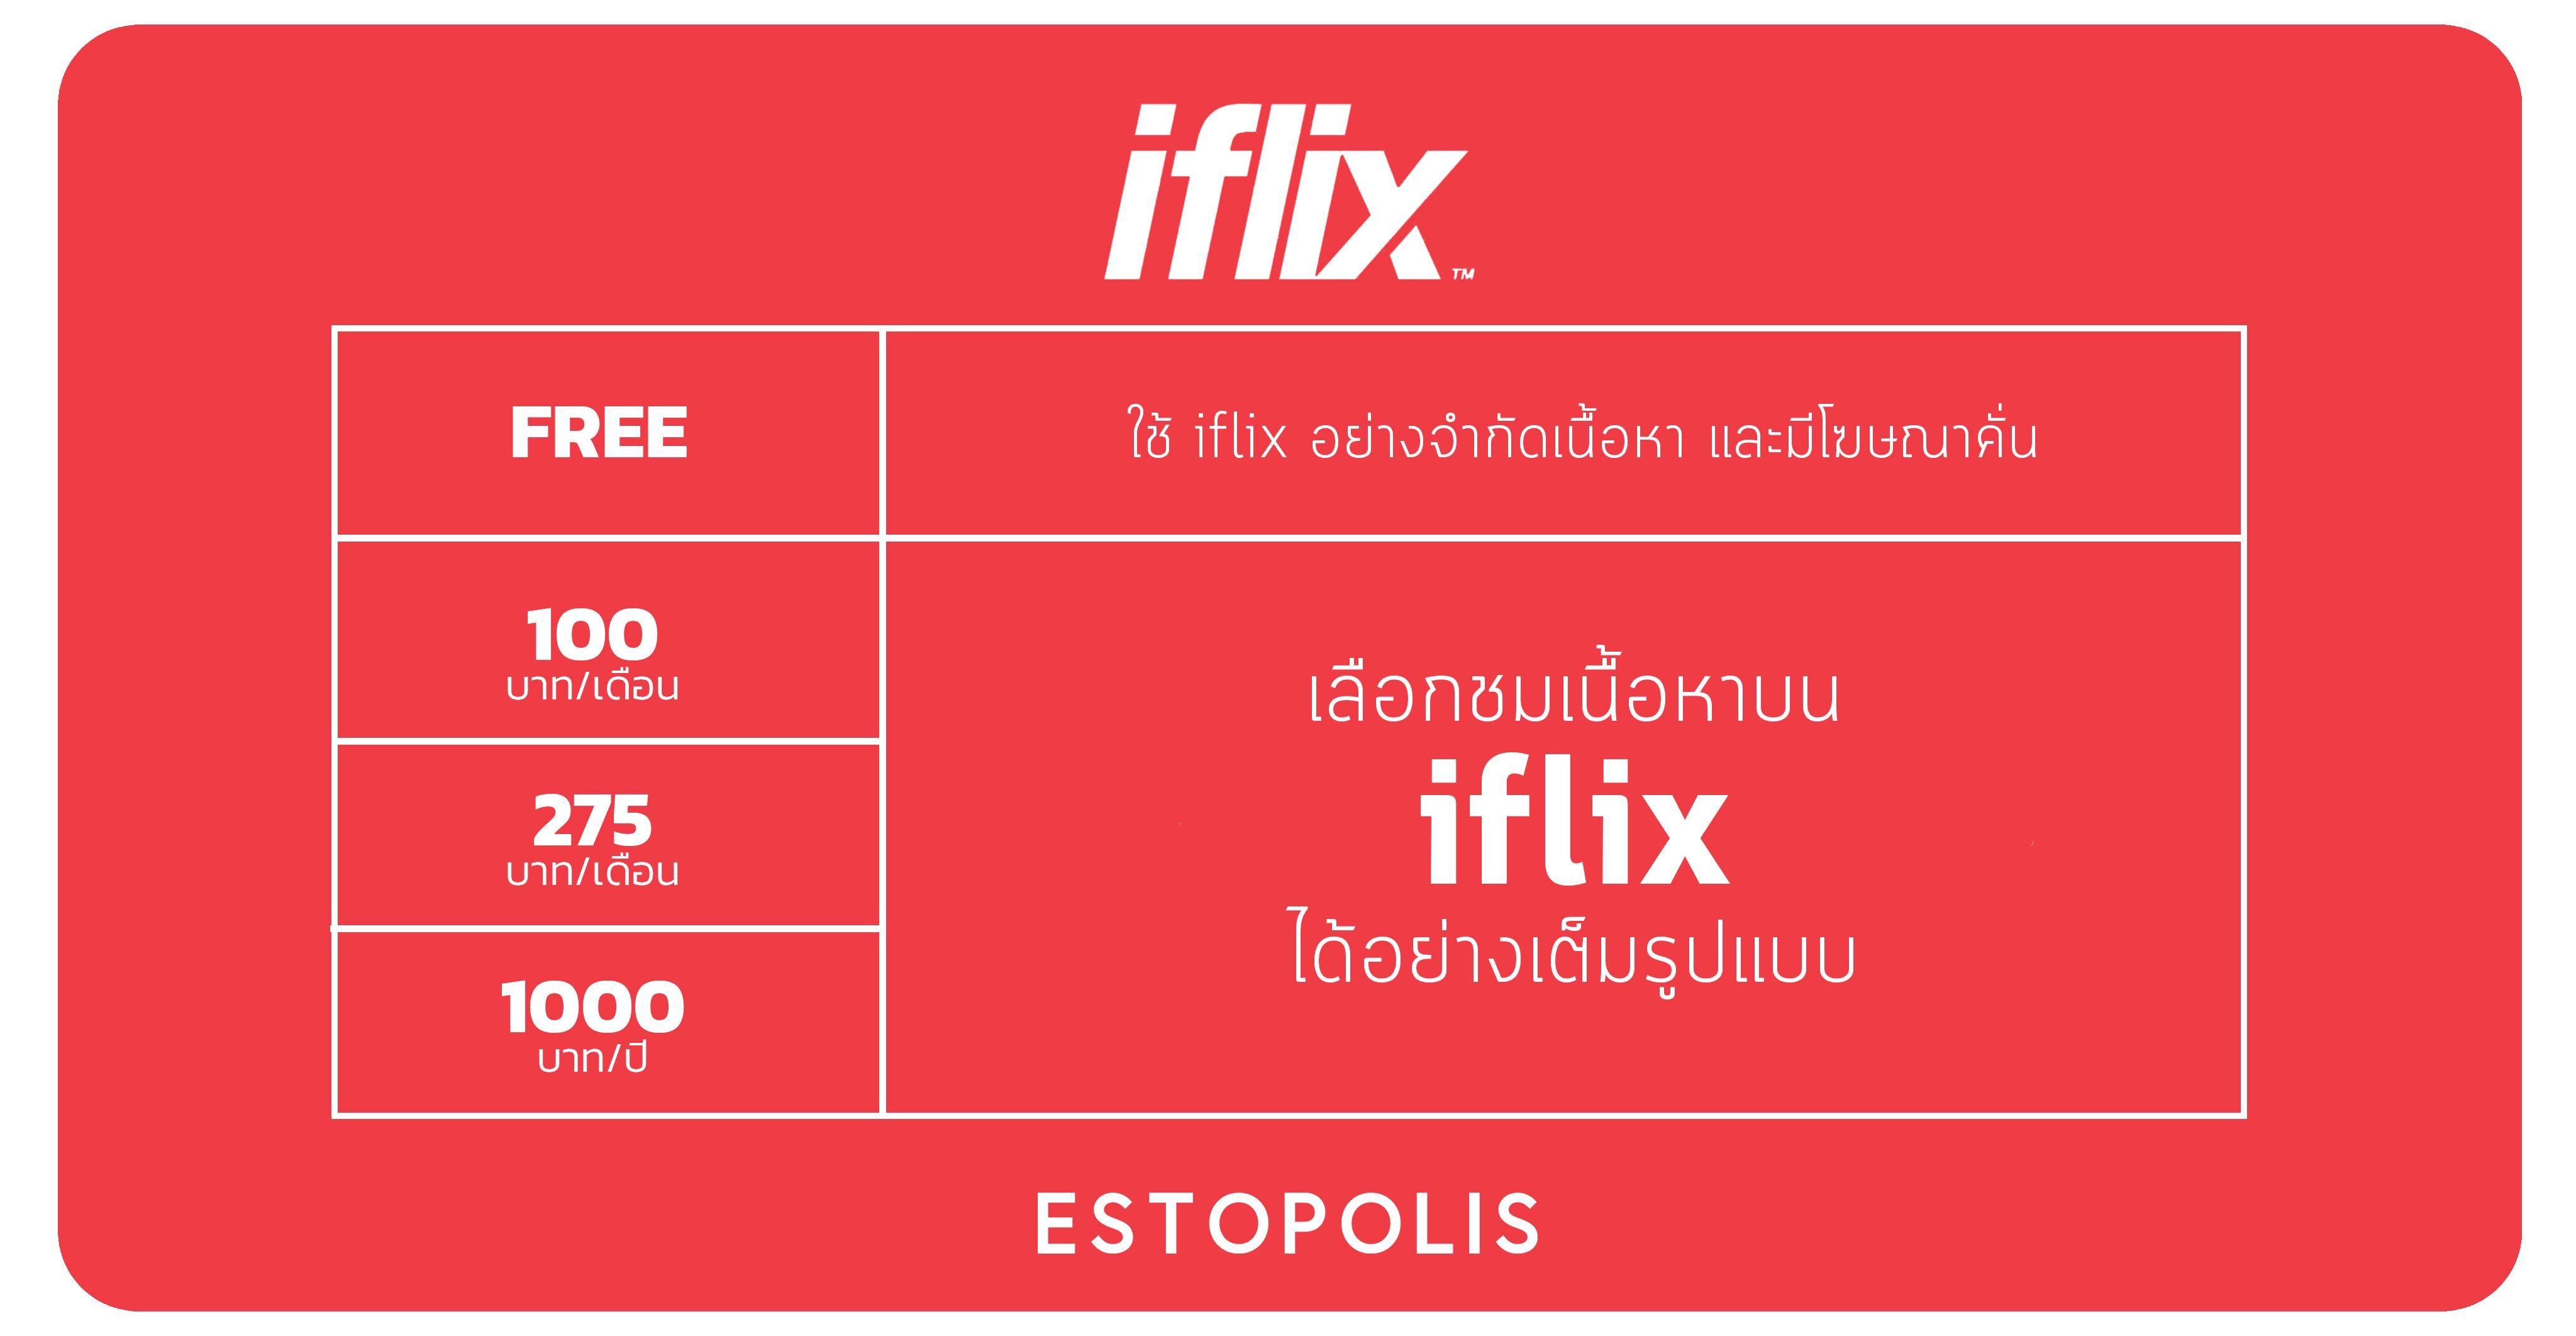 ตารางค่าบริการ iflix